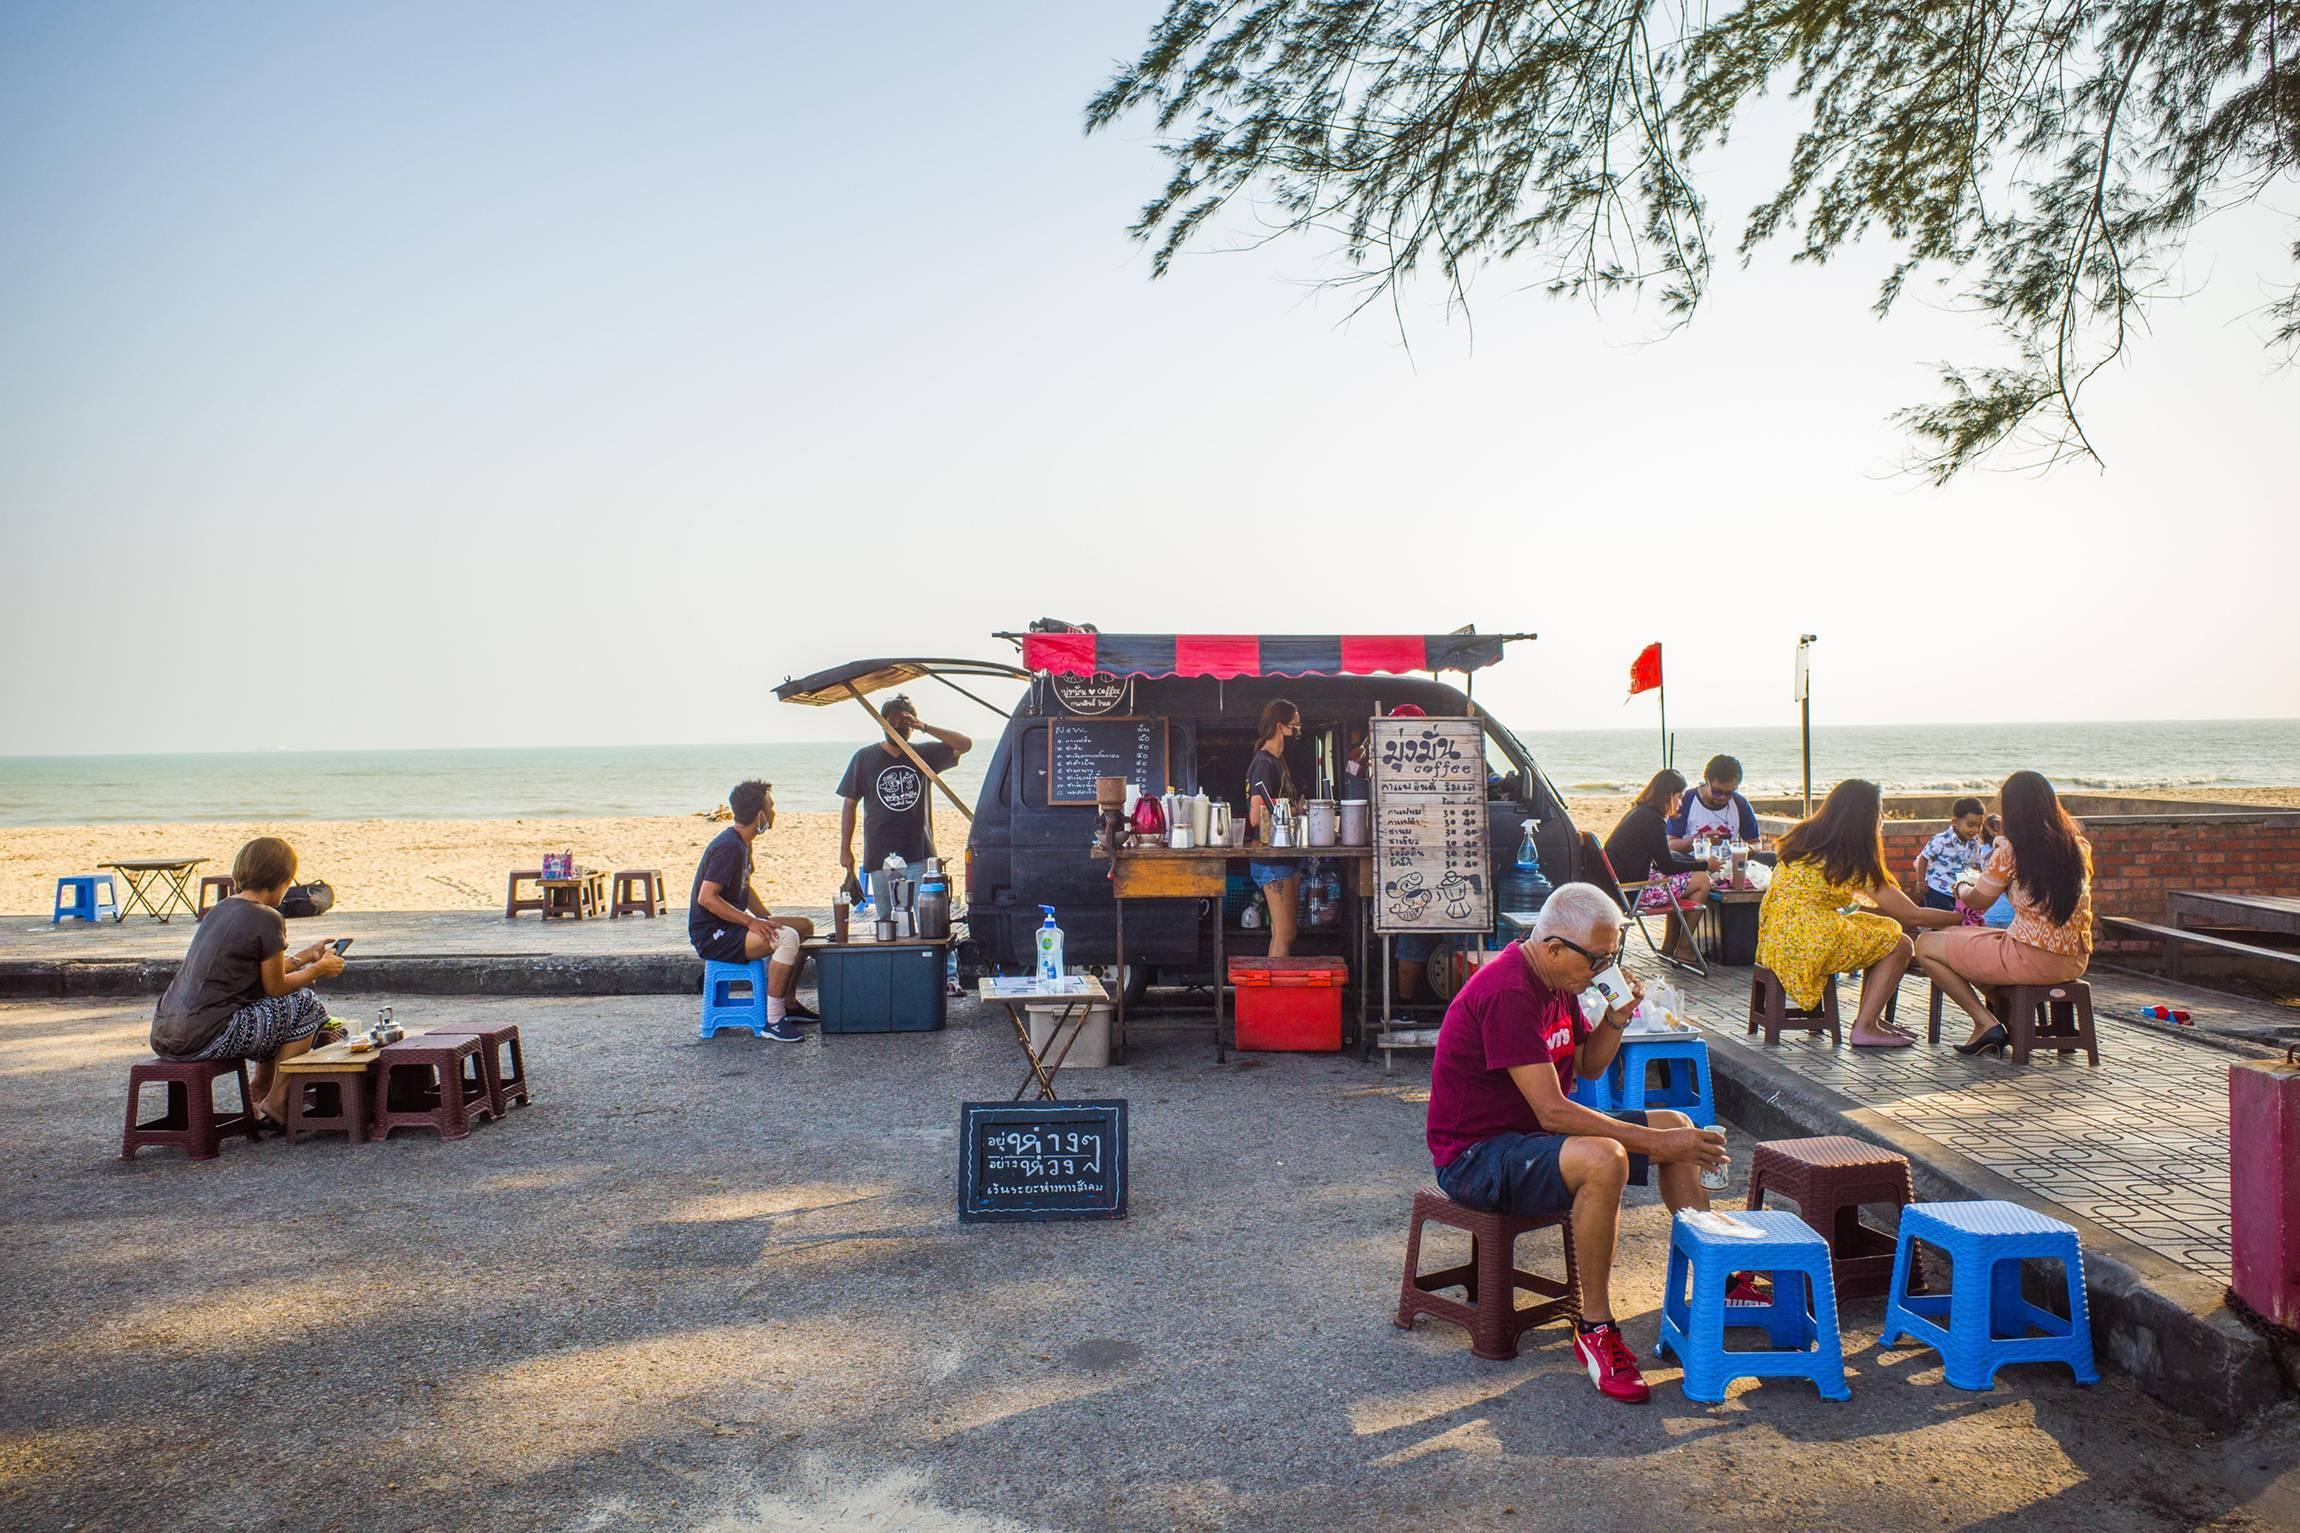 นกปีกหักจากเมืองหลวง สู่ 'มุ่งมั่น คอฟฟี่' ร้านกาแฟที่มัดใจชาวสงขลาด้วย Moka Pot และวิวทะเลราคาหลักล้าน